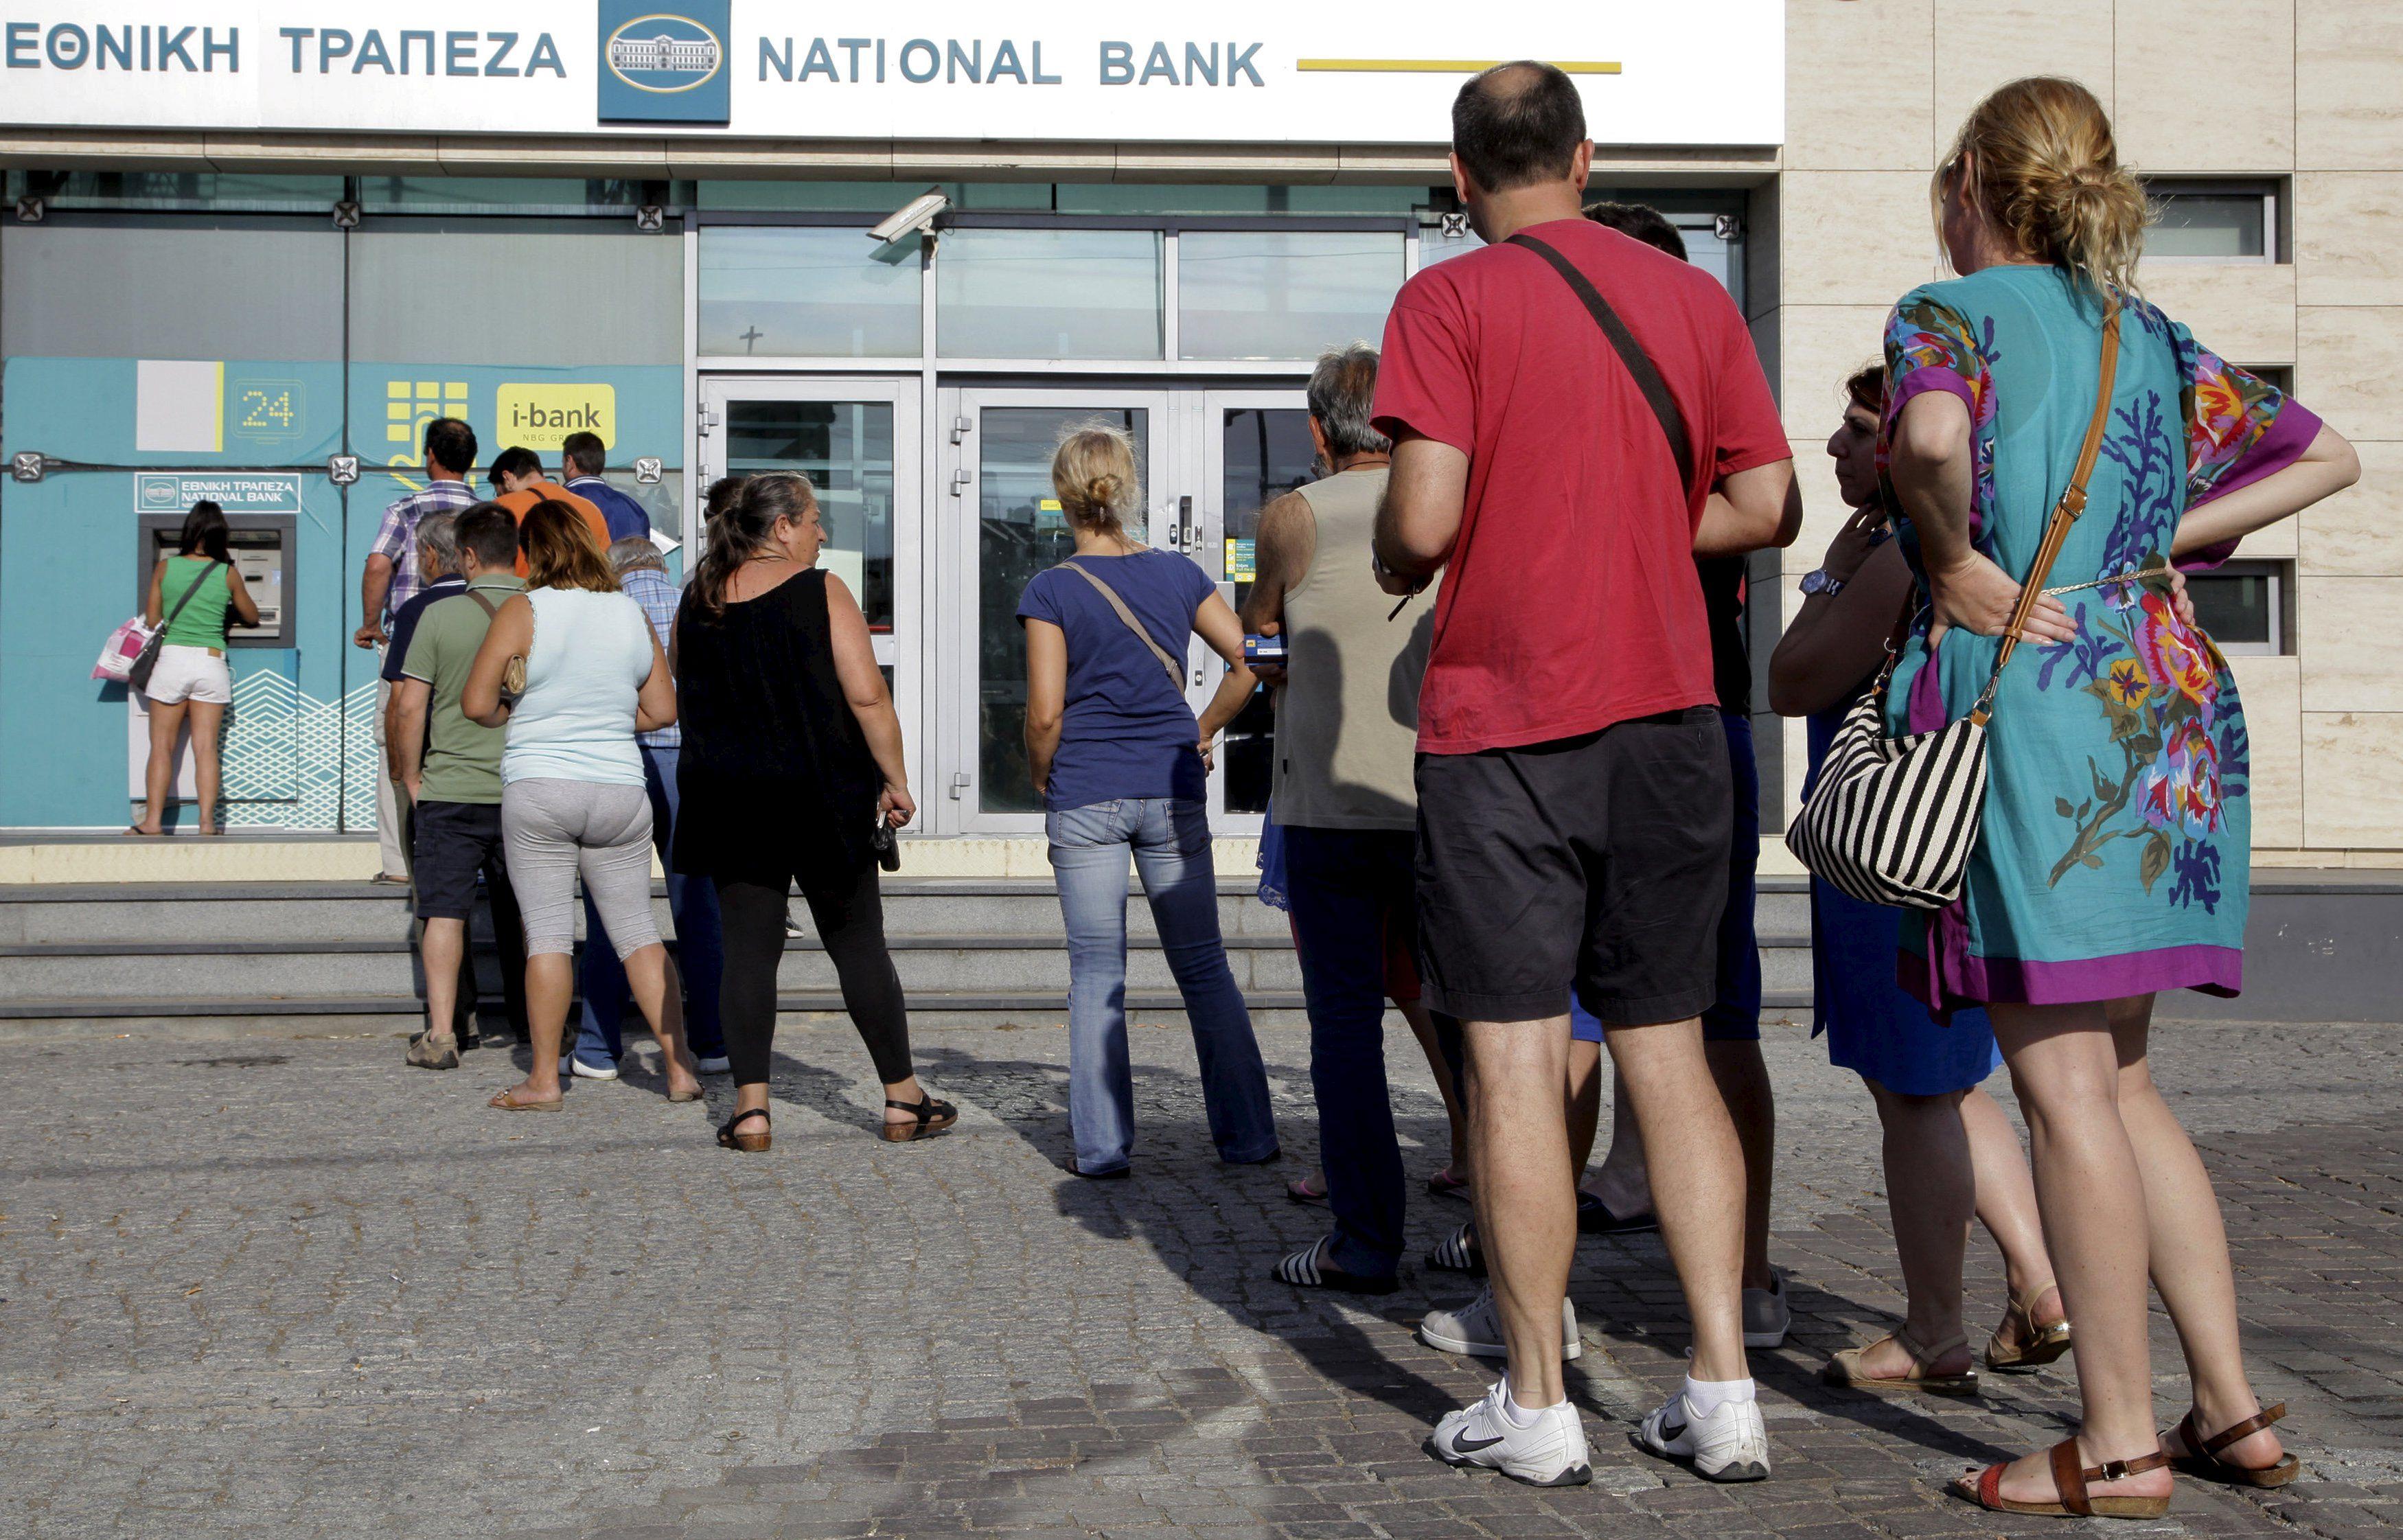 Gregos fazem fila para usar caixa eletrônico em Creta / Reuters